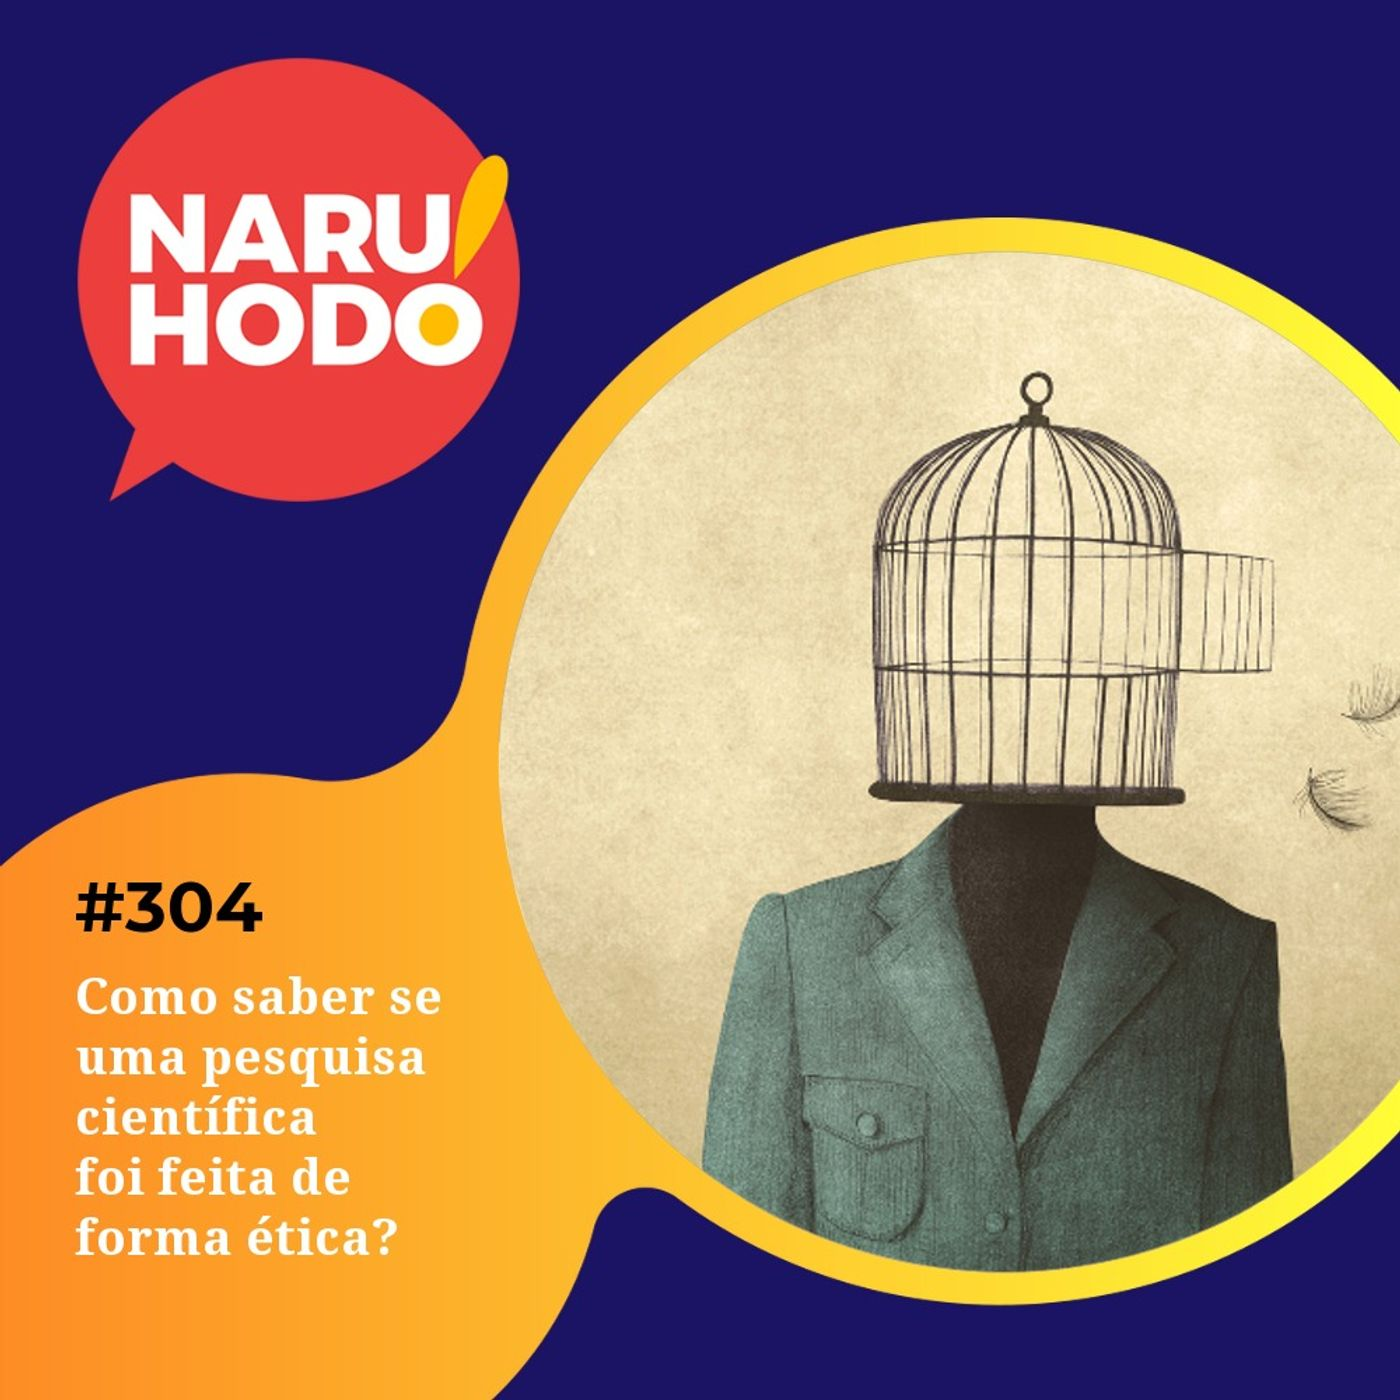 Naruhodo #304 - Como saber se uma pesquisa científica foi feita de forma ética?